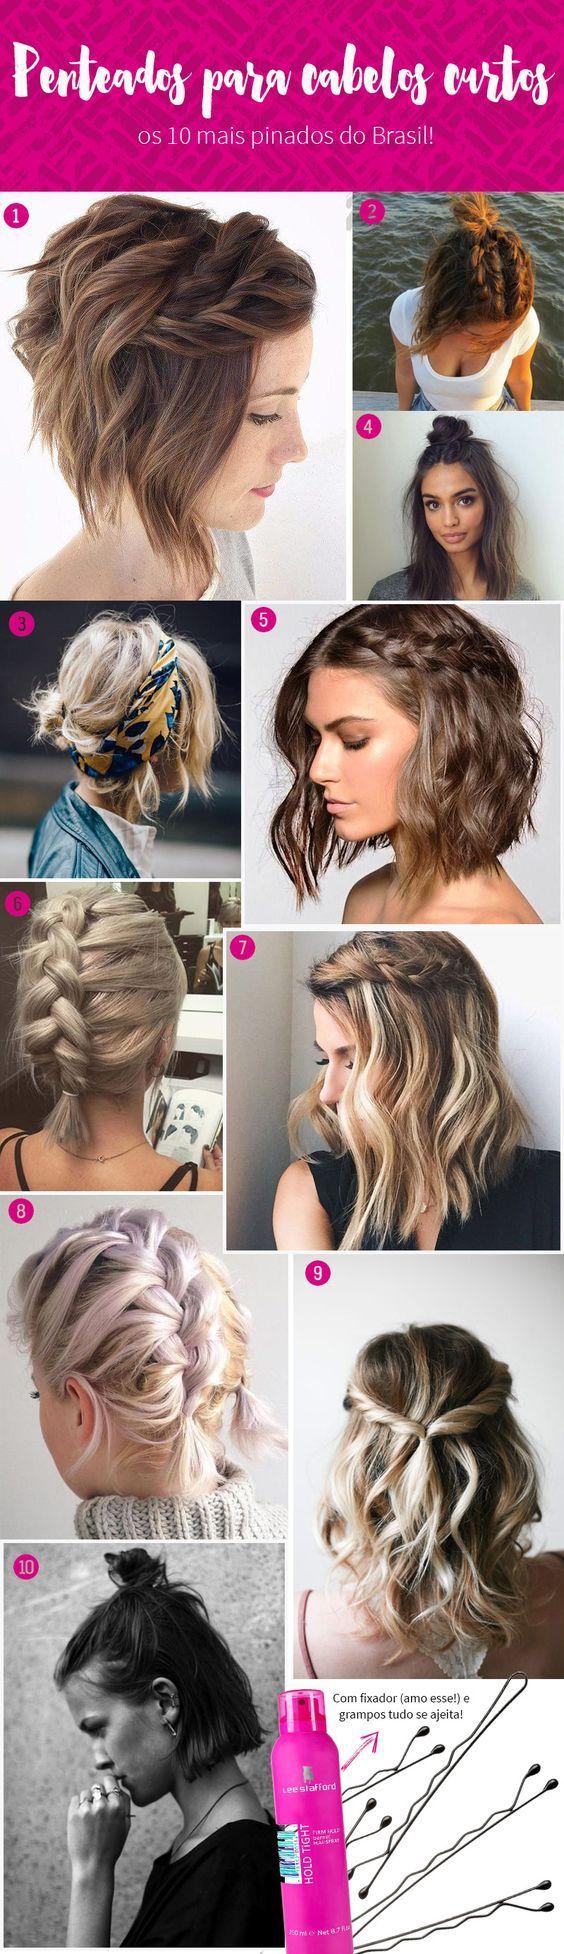 Peinados para cabello corto: Top 10 de Pinterest – Lo juro  – Peinados facile